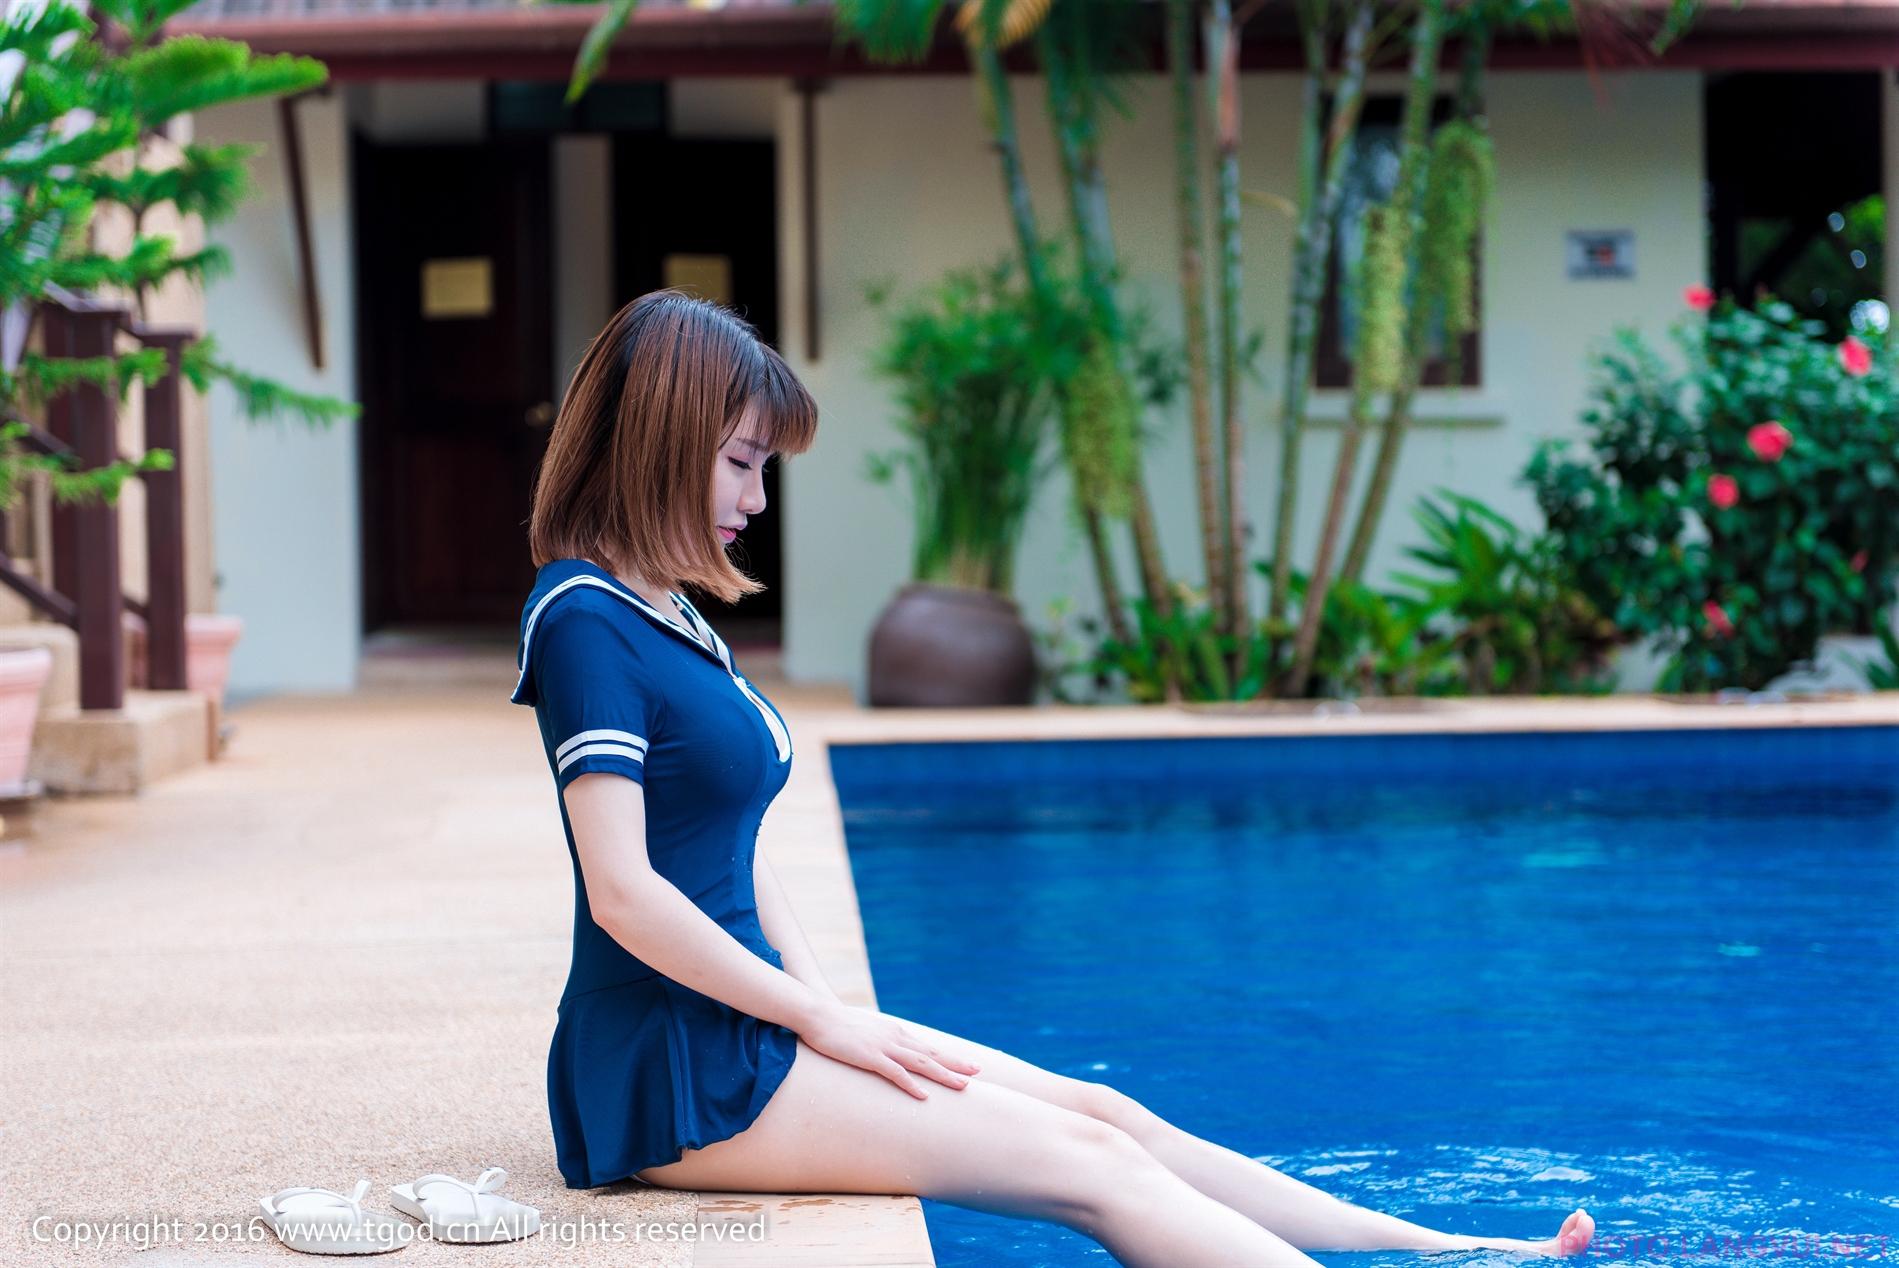 TGOD No 2016 09 22 k8 Vivian